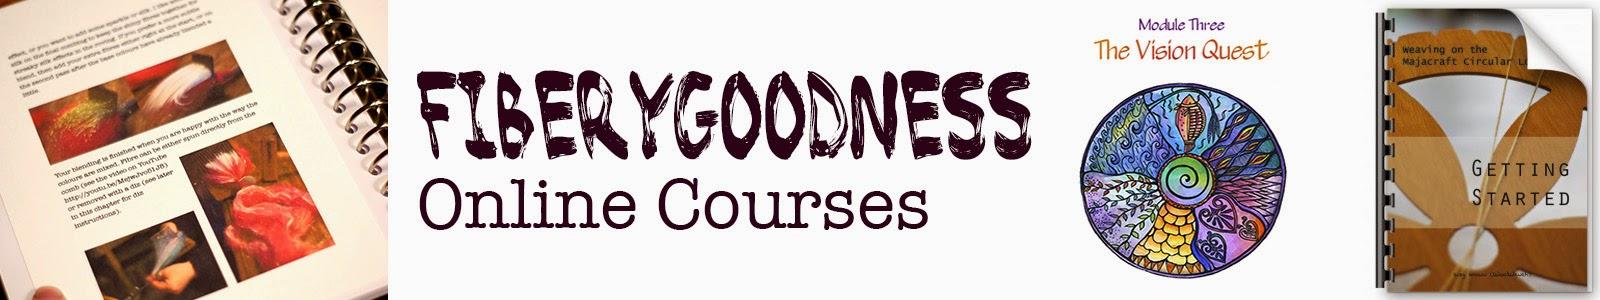 http://fiberygoodness.com/courses/